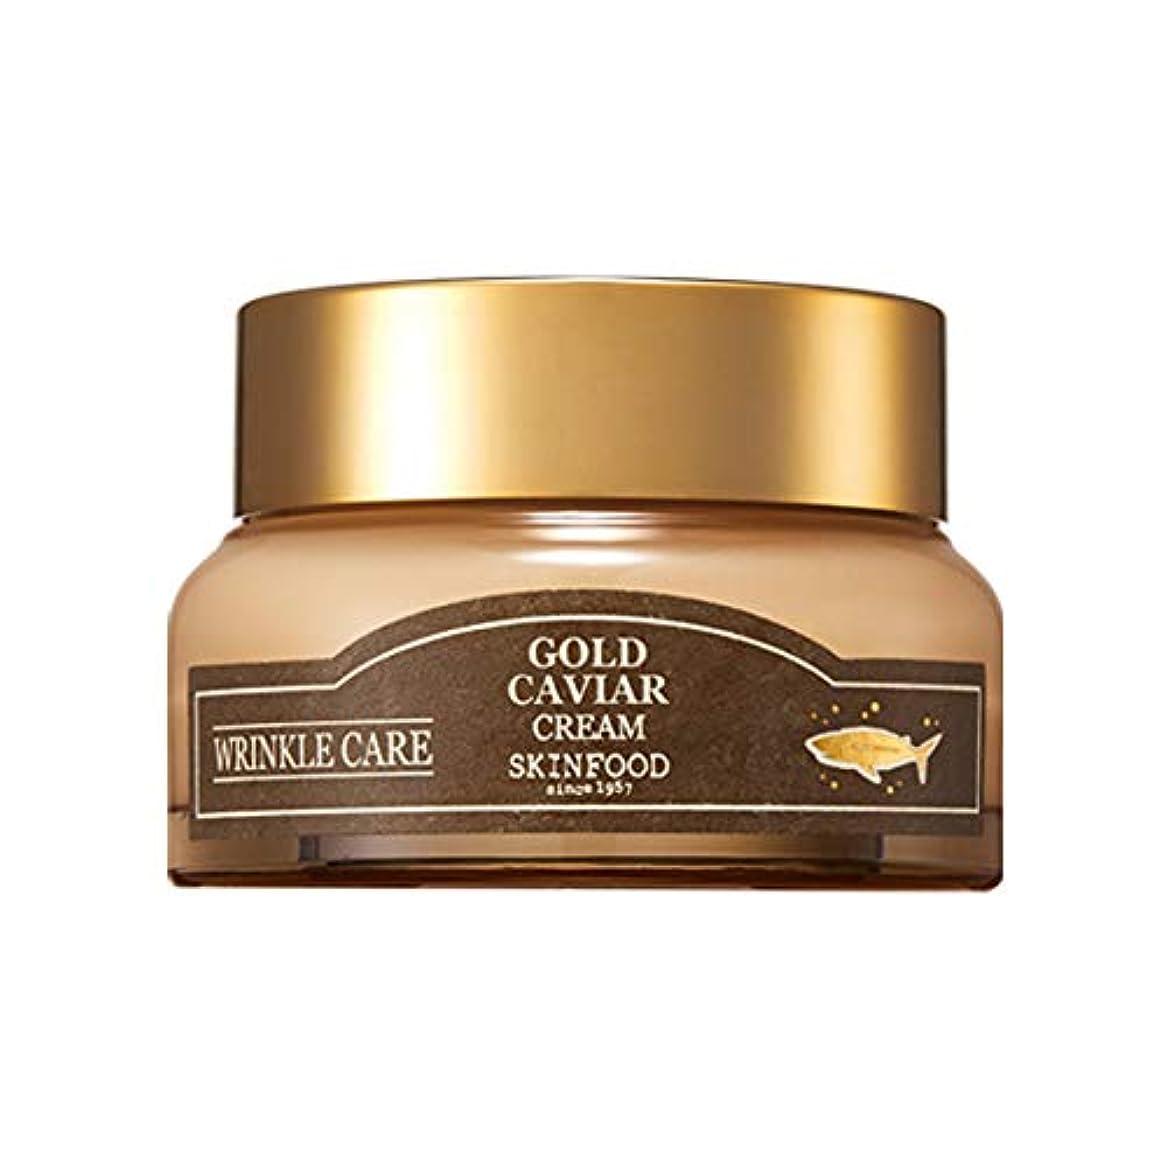 アサート同化昼食Skinfood ゴールドキャビアクリーム[しわケア用化粧品] / Gold Caviar Cream [Cosmeceutical for wrinkle care] 54ml [並行輸入品]